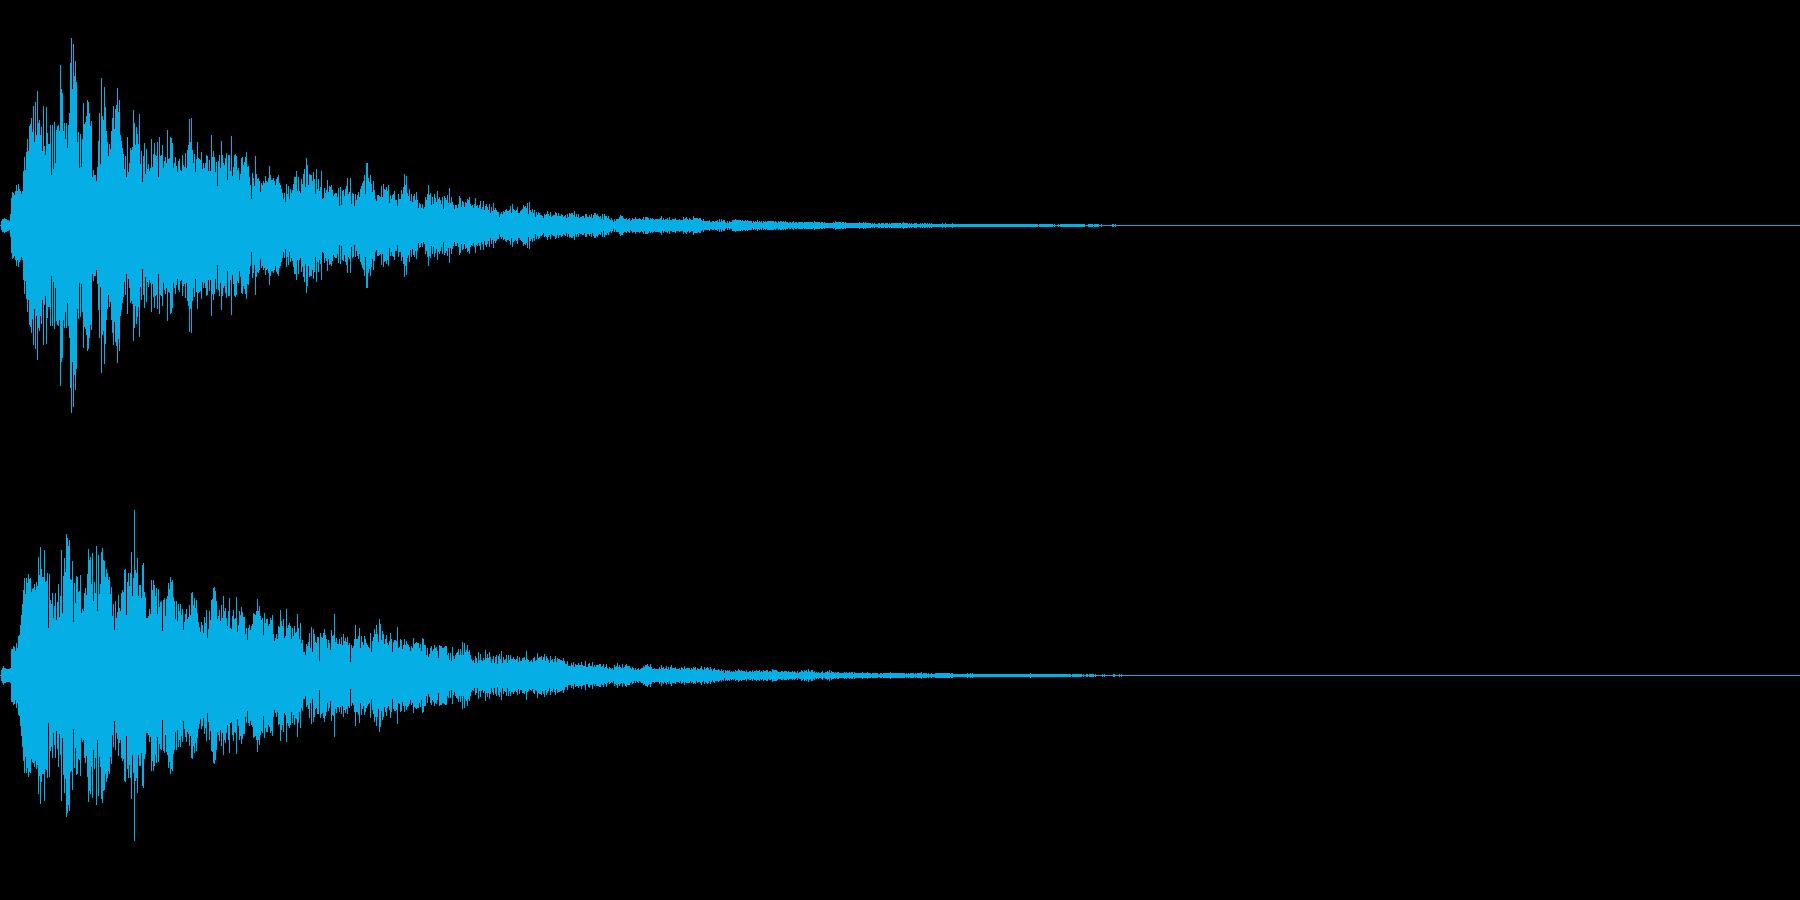 ピコーン(ゲーム、アプリ、決定音)の再生済みの波形